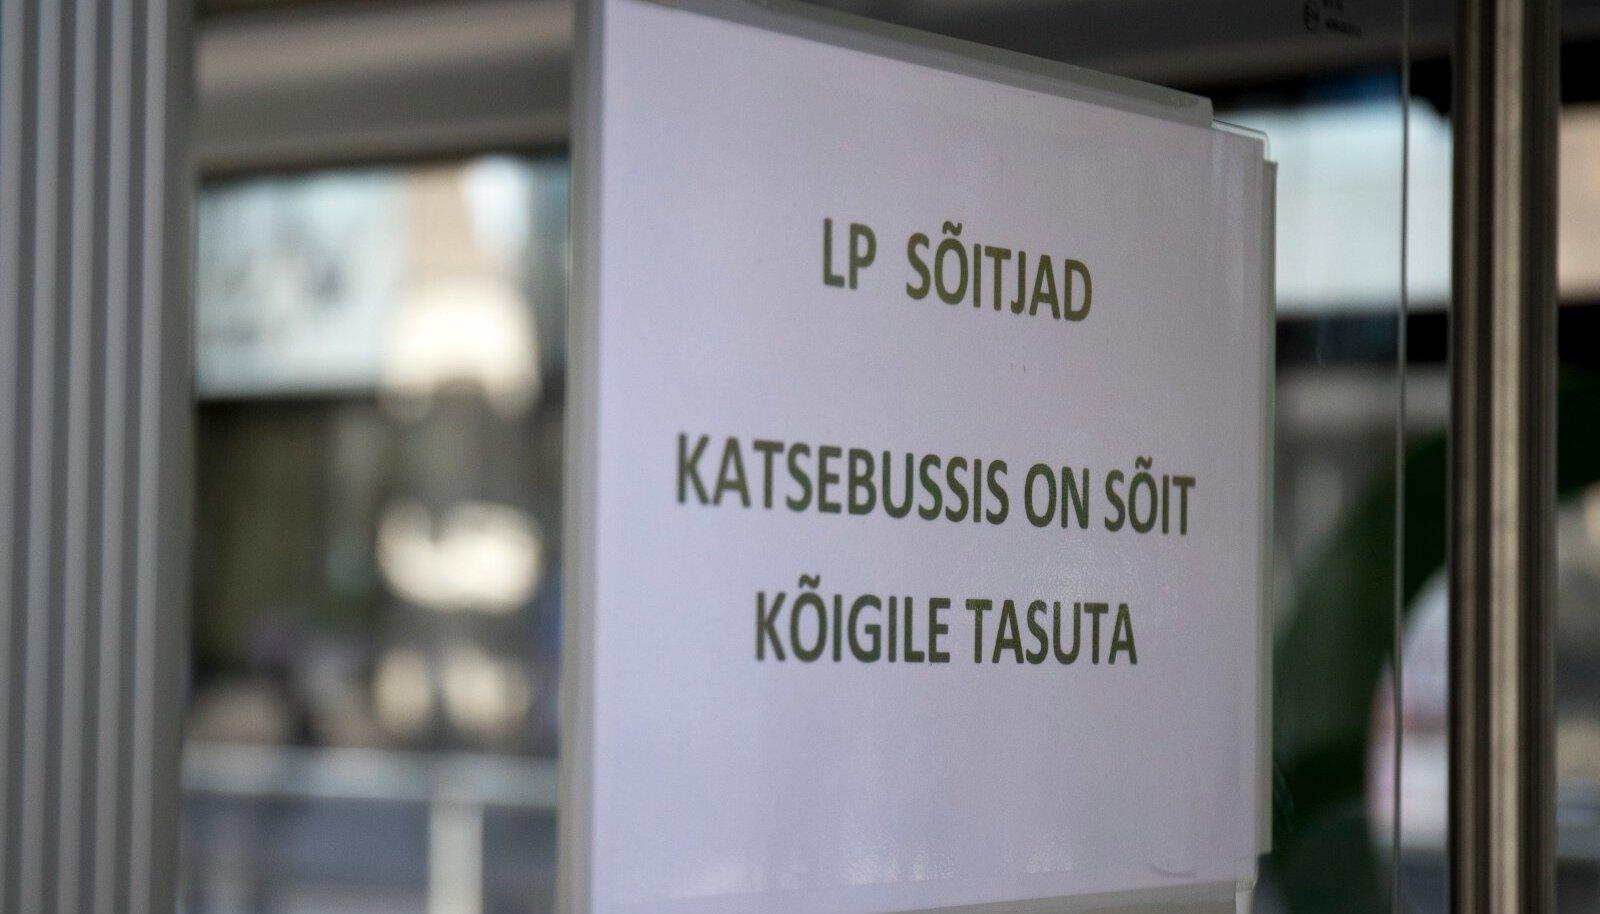 Järjekordsed uuringud teatavad meile, et oleks väga hea, kui Tallinna ja lähipiirkonna vahel toimiks ühtne transpordivõrk. Sünkroniseeritud ja süstematiseeritud ja ühtse piletisüsteemiga.